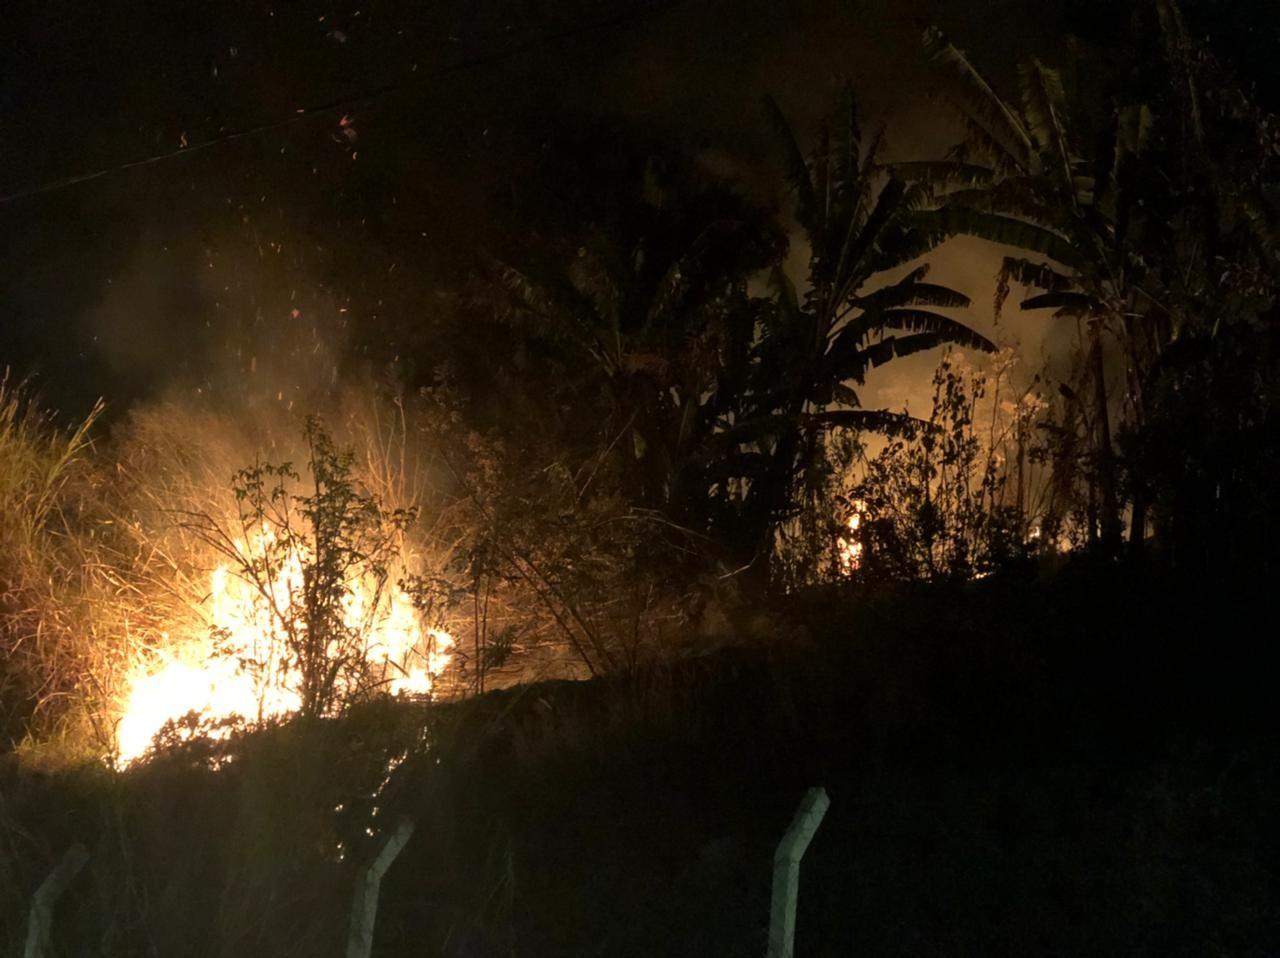 Bombeiros combatem incêndio em área de preservação no Parque do Cristo em Araxá